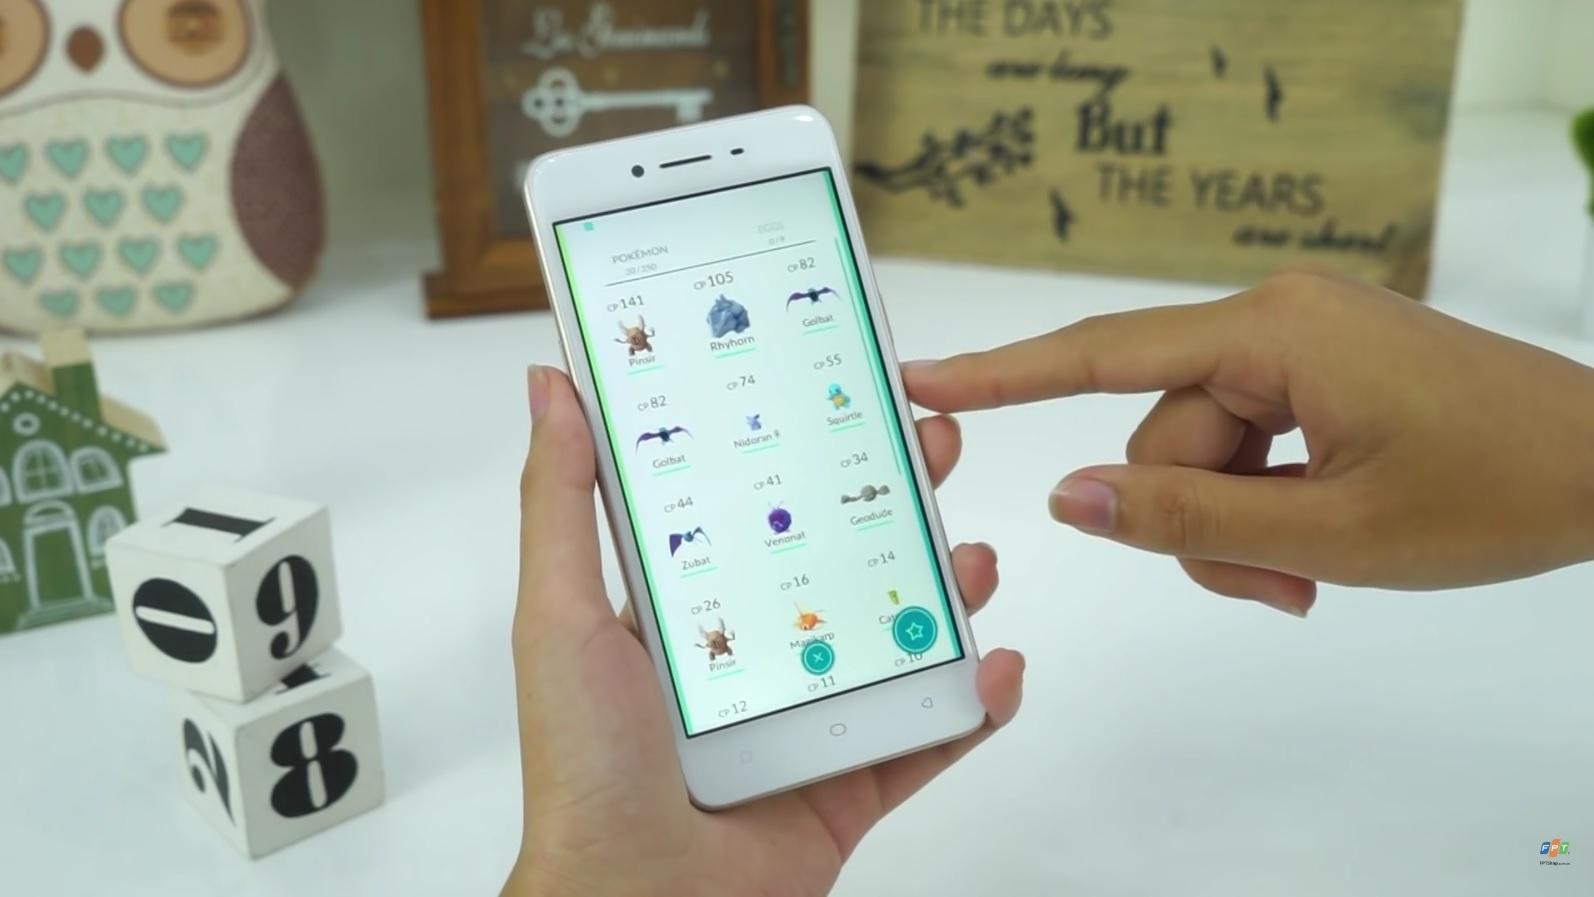 Oppo A37 sẽ đáp ứng tốt các nhu cầu phổ thông của người dùng: nghe gọi, lướt web, xem phim, nghe nhạc, chơi các game thông thường